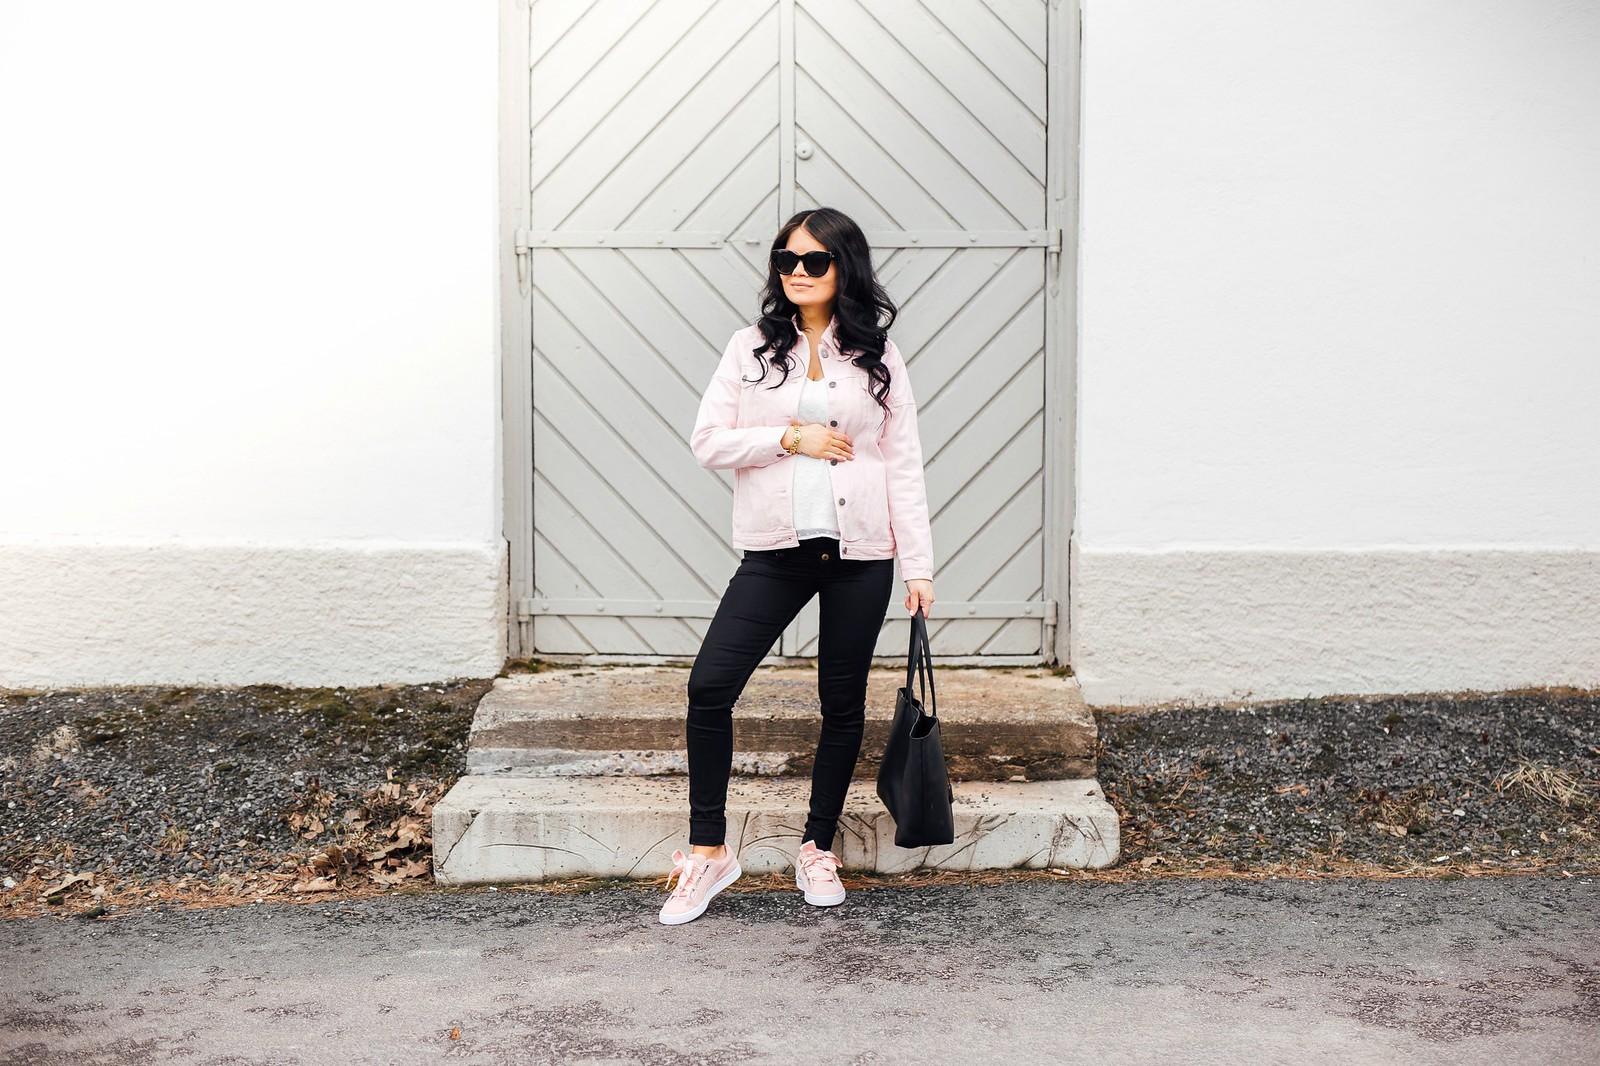 vaaleanpunainen farkkutakki